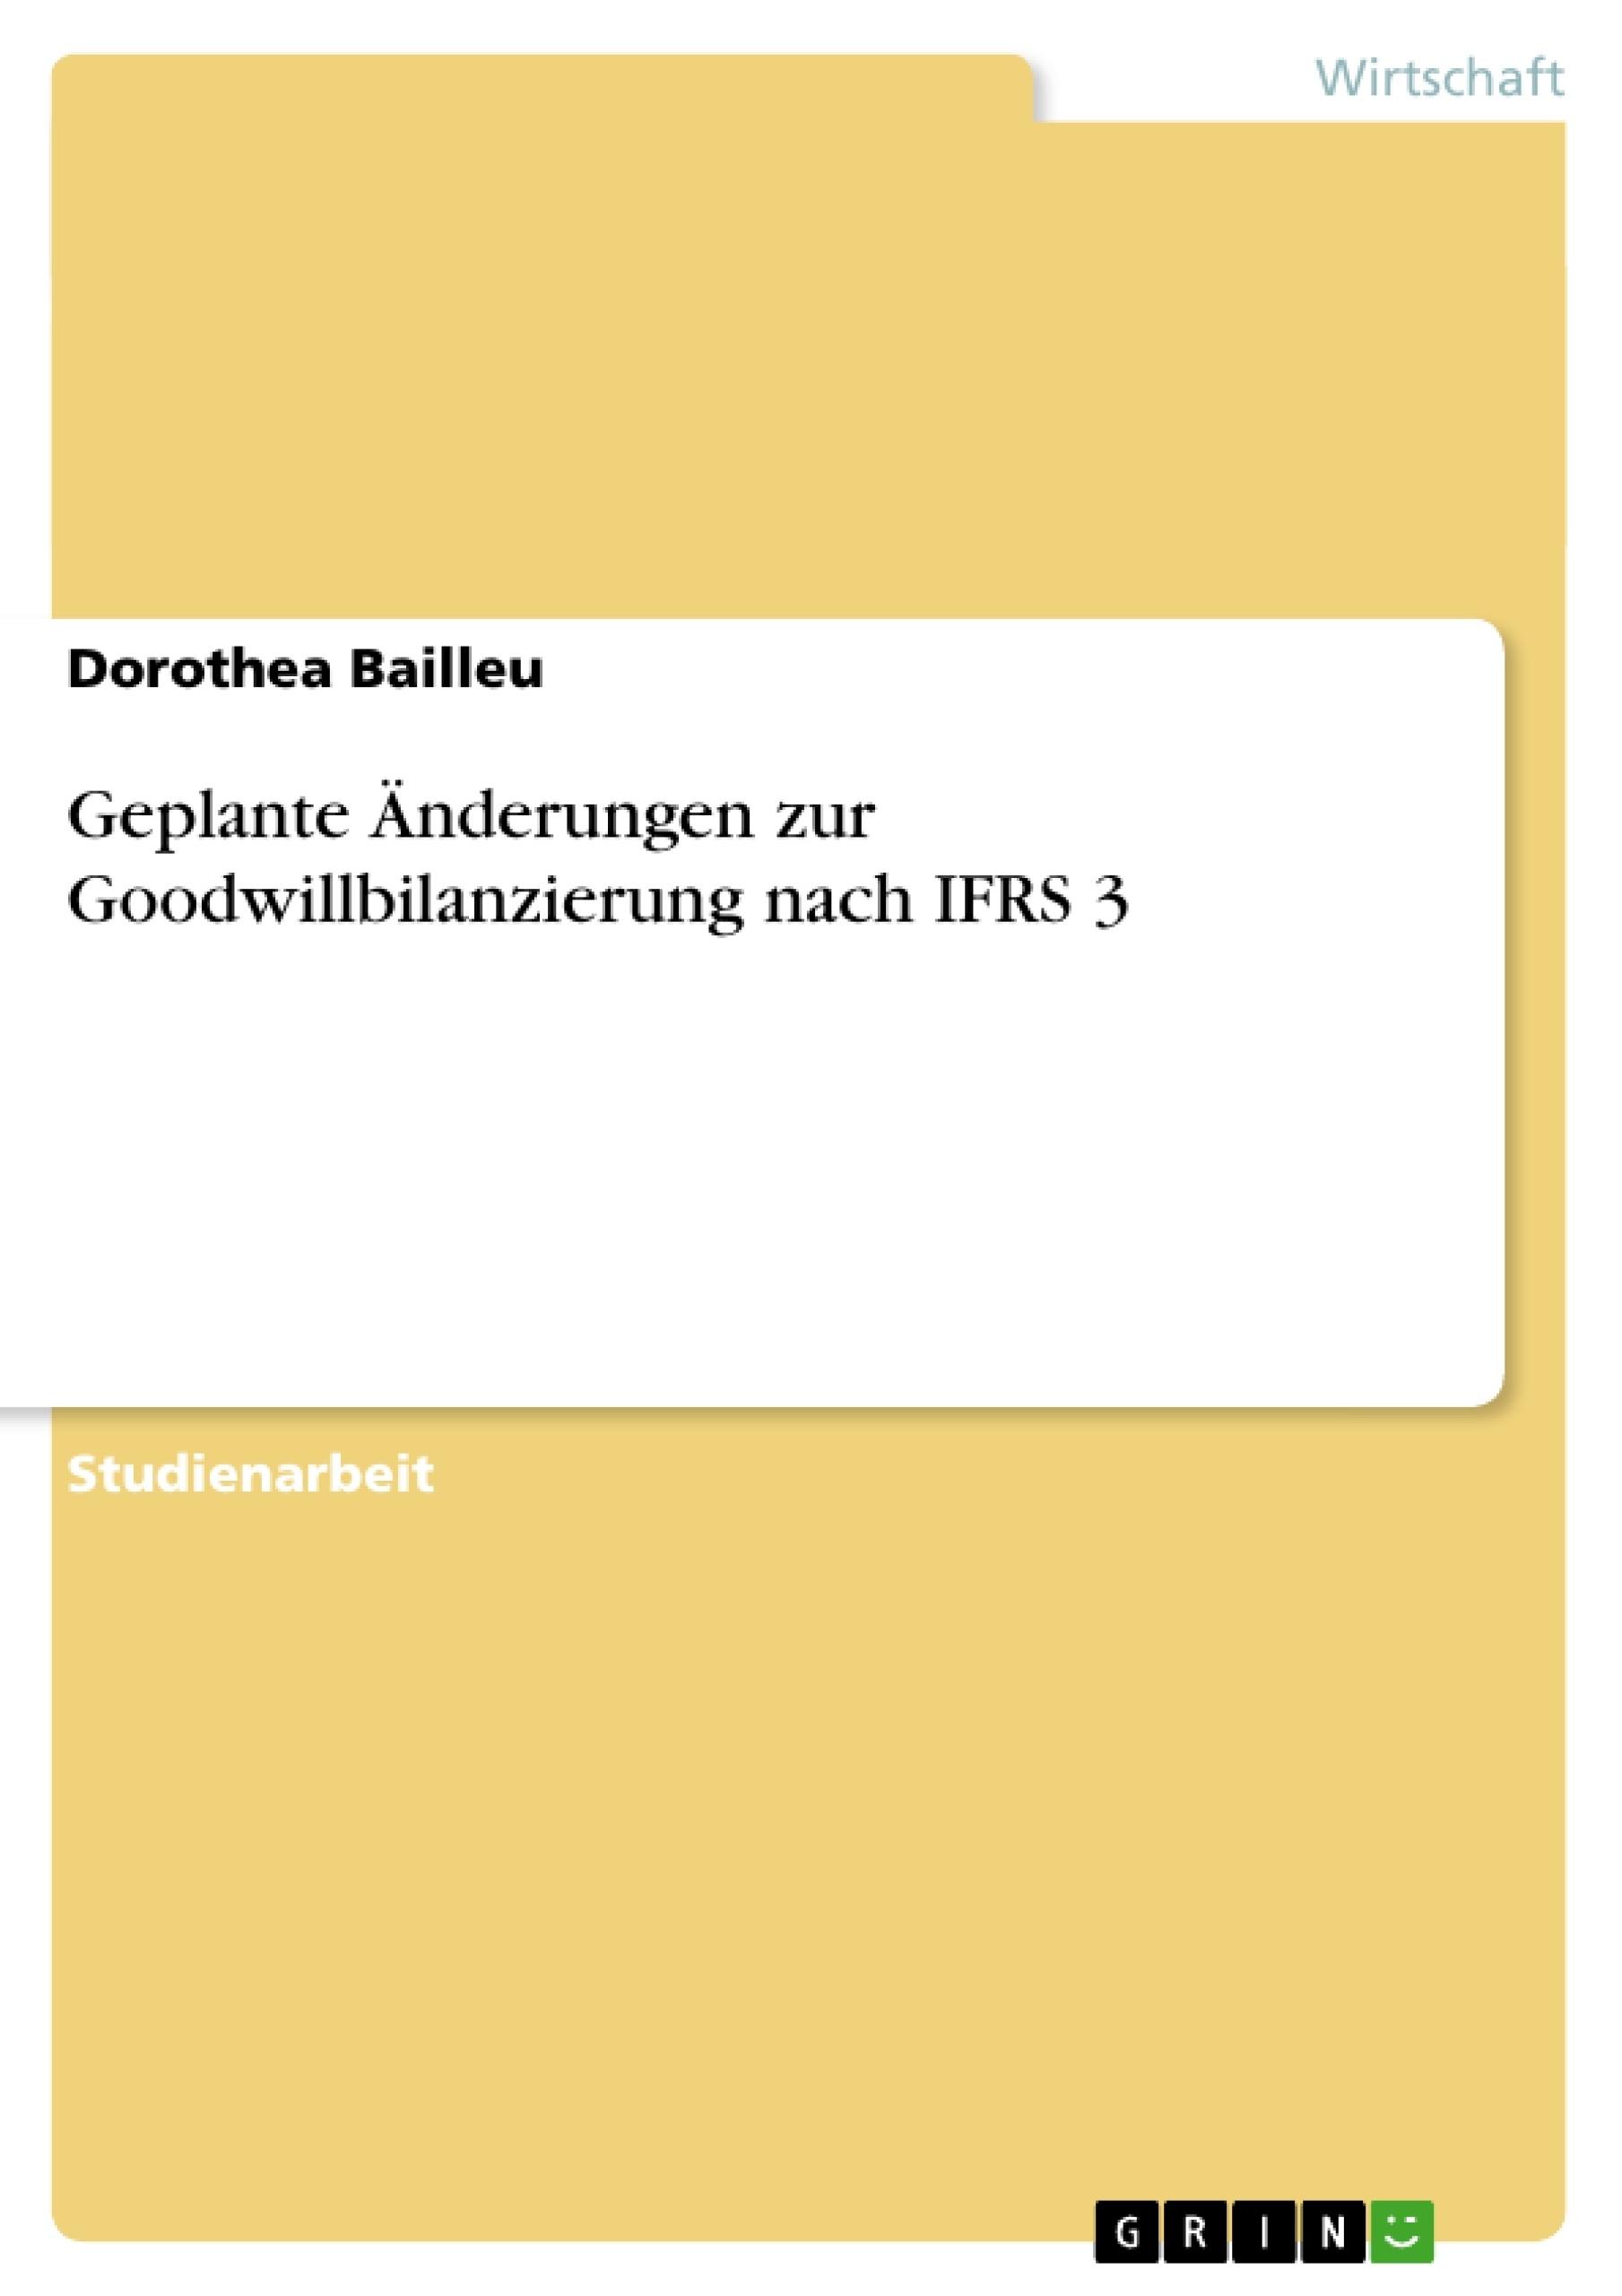 Titel: Geplante Änderungen zur Goodwillbilanzierung nach IFRS 3